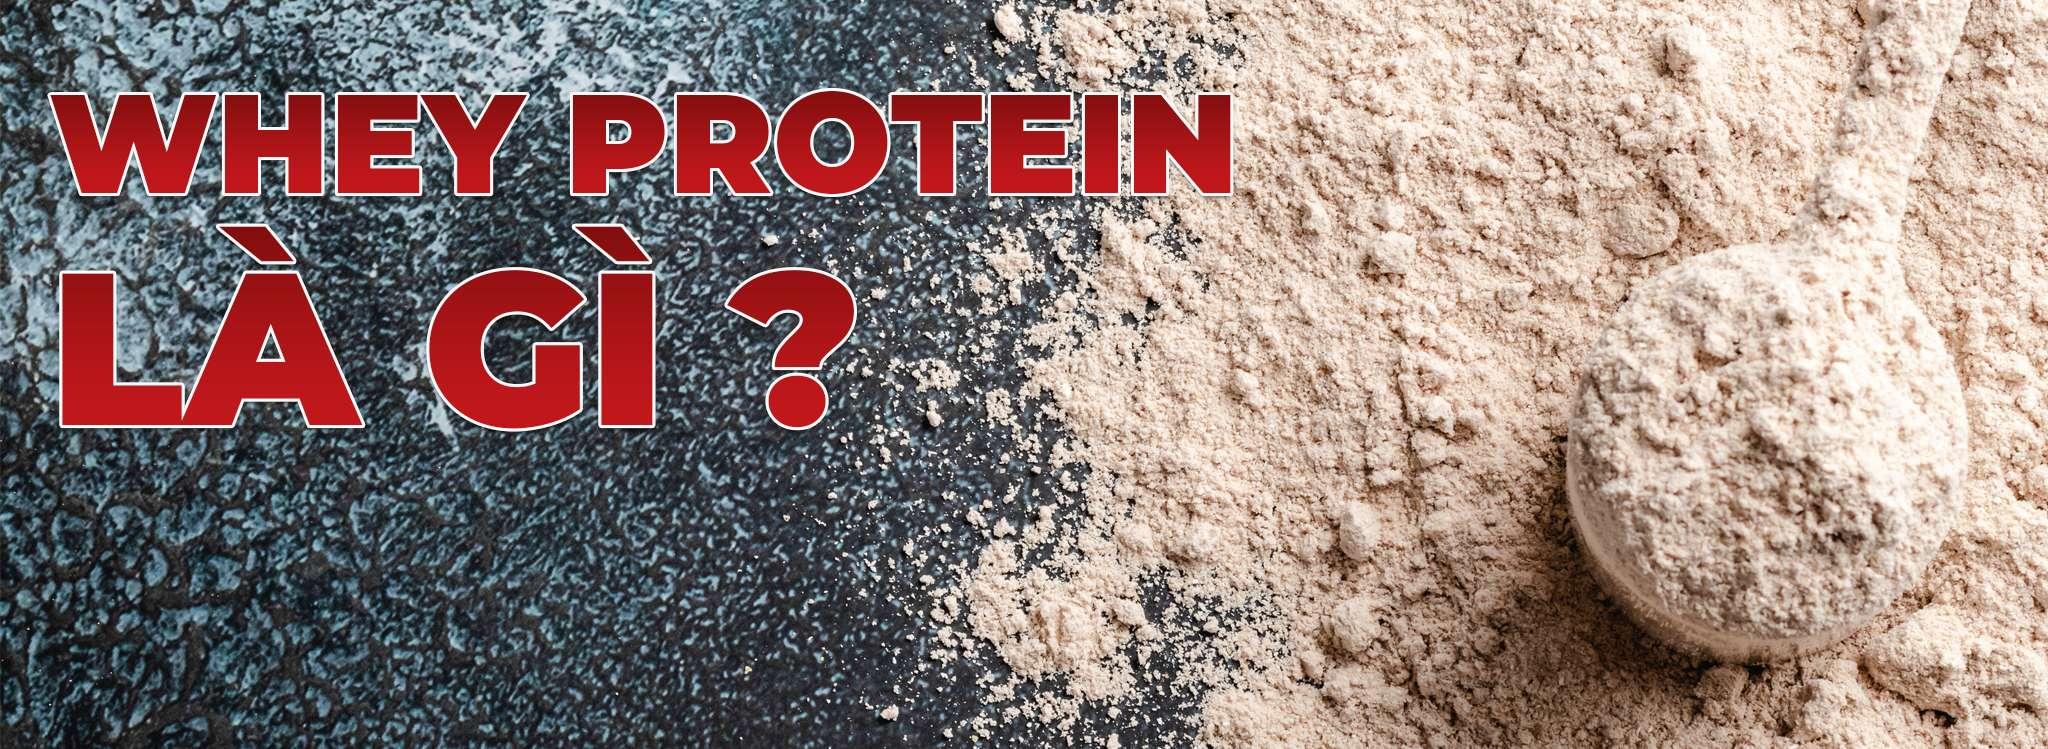 Tác hại của Whey Protein ảnh hưởng tới sức khỏe như thế nào ? Mời các bạn tìm hiểu nội dung bài viết dưới đây nhé!